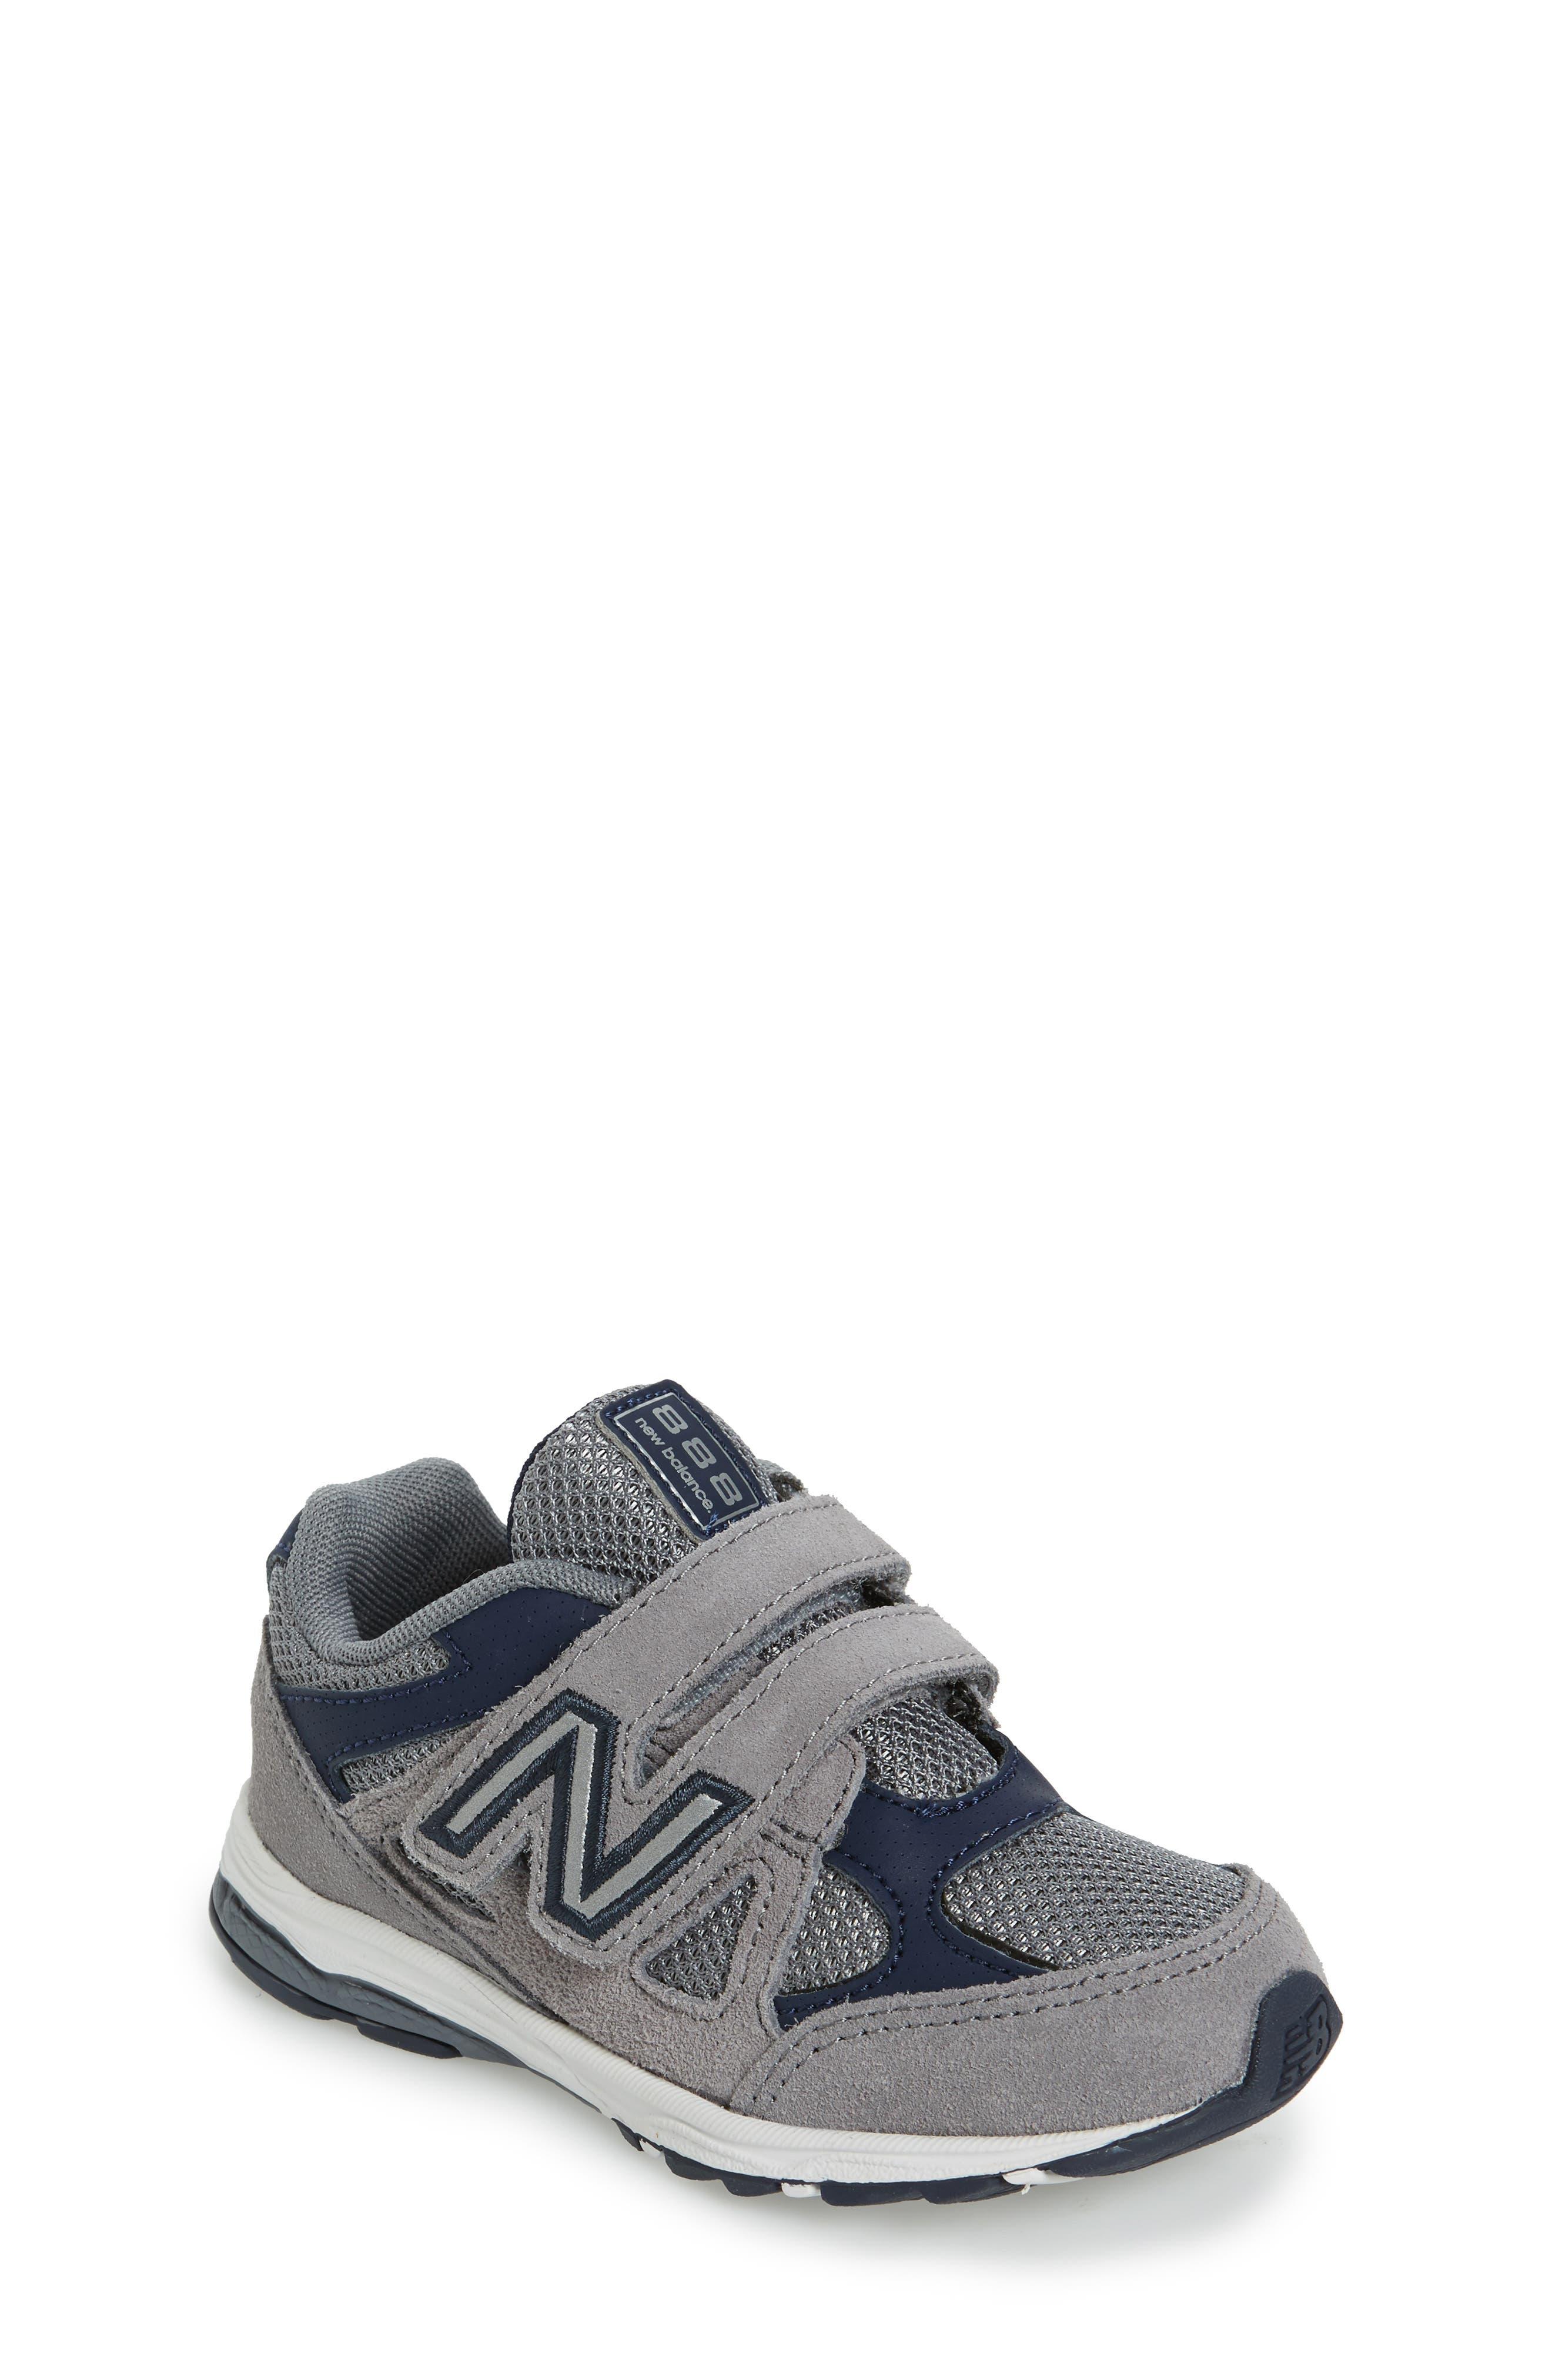 888 Sneaker,                         Main,                         color, 033